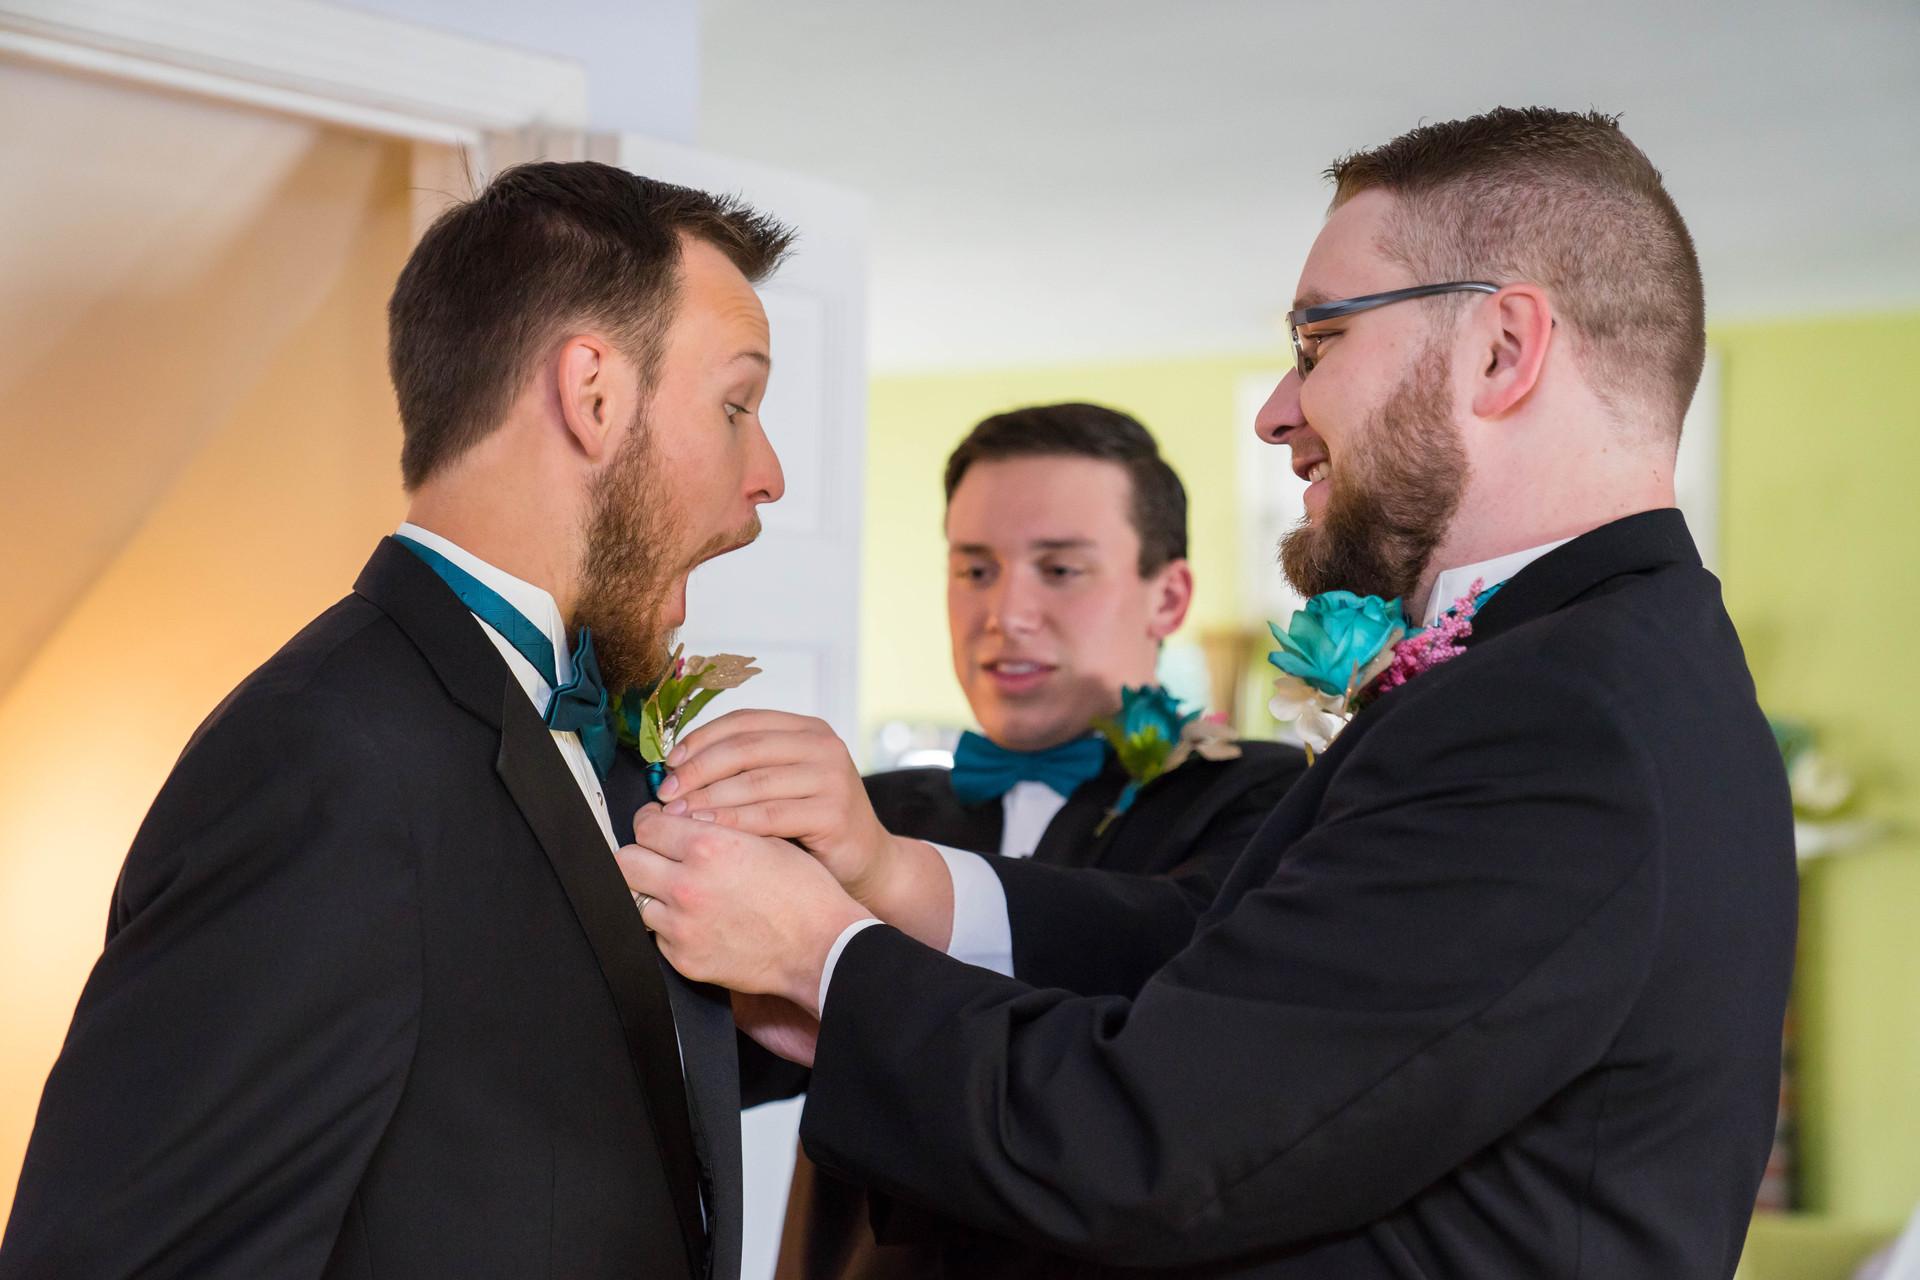 Shrader Wedding (90).jpg